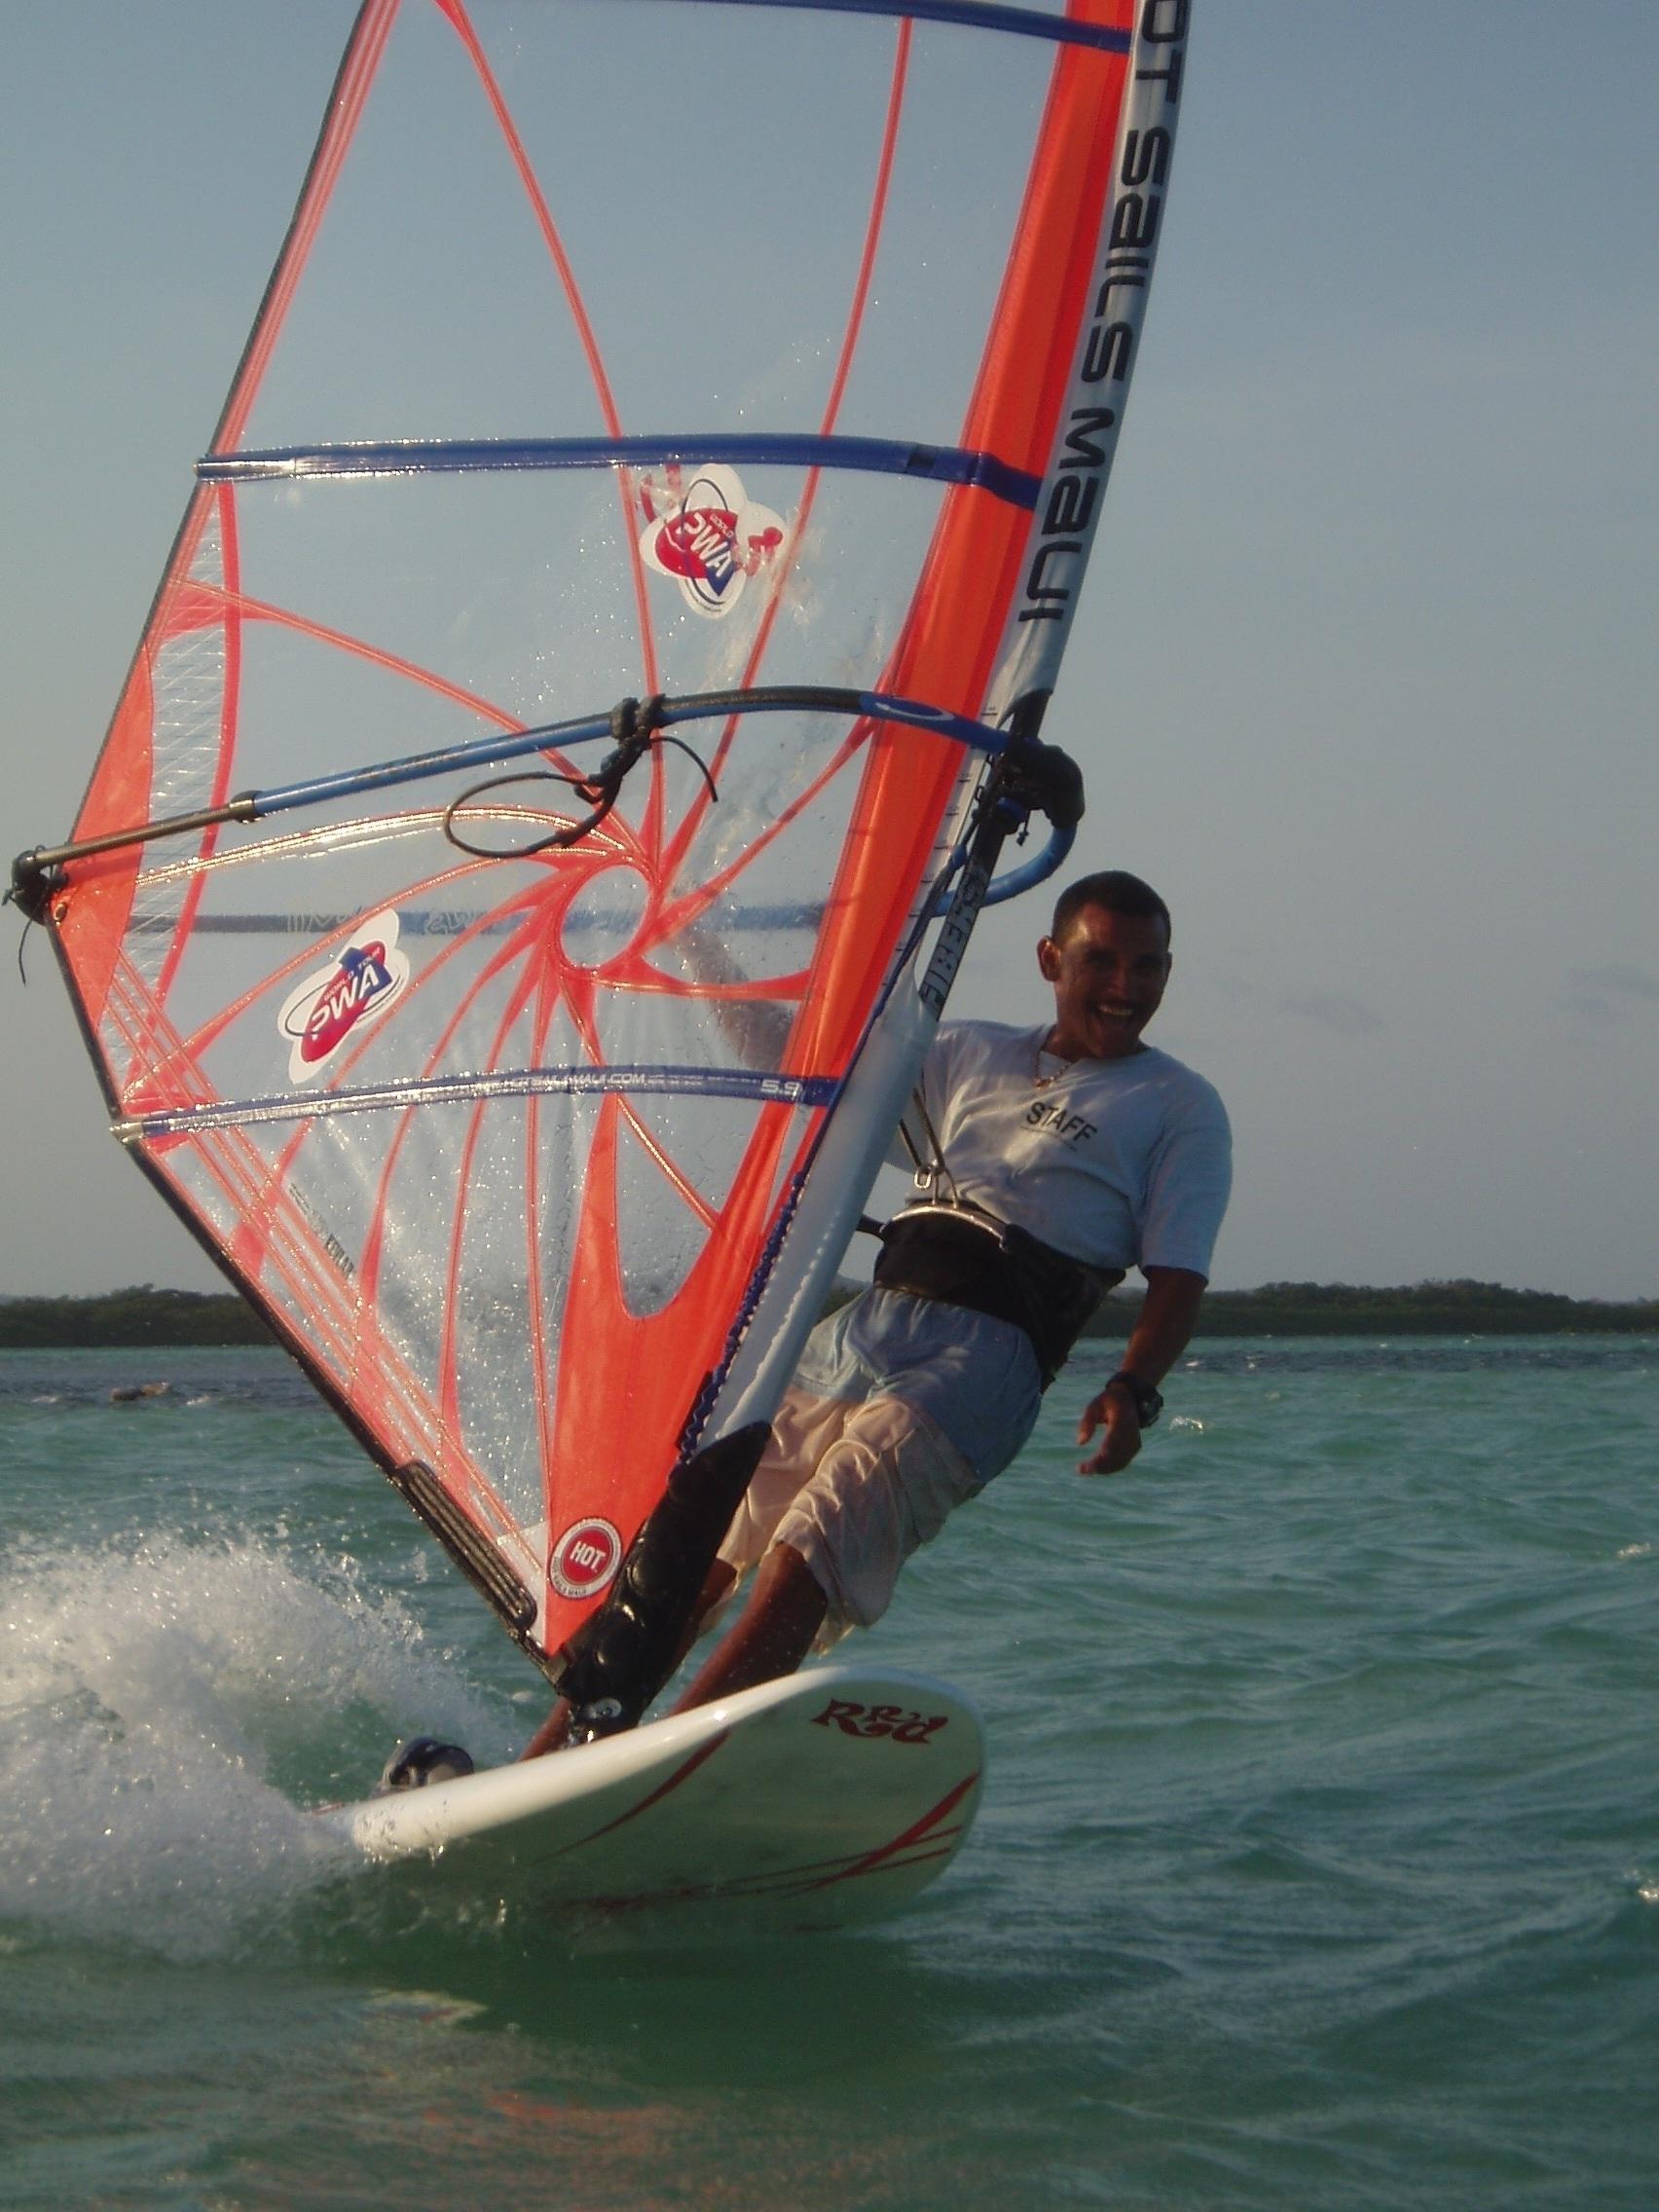 Olympian Patun Saragoza